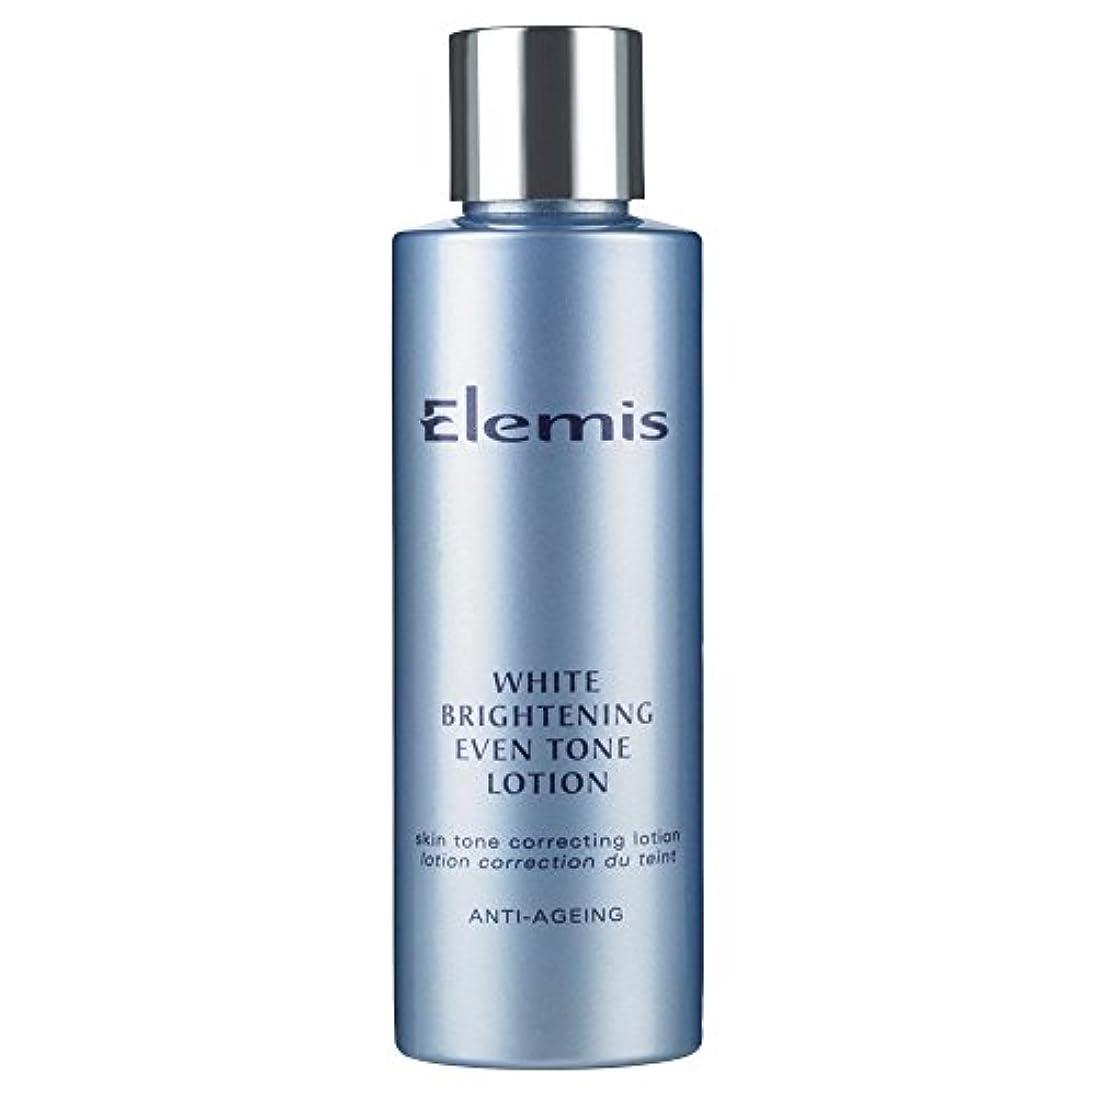 石鹸ウガンダ具体的にエレミス白い光沢さえトーンローション150ミリリットル (Elemis) - Elemis White Brightening Even Tone Lotion 150ml [並行輸入品]